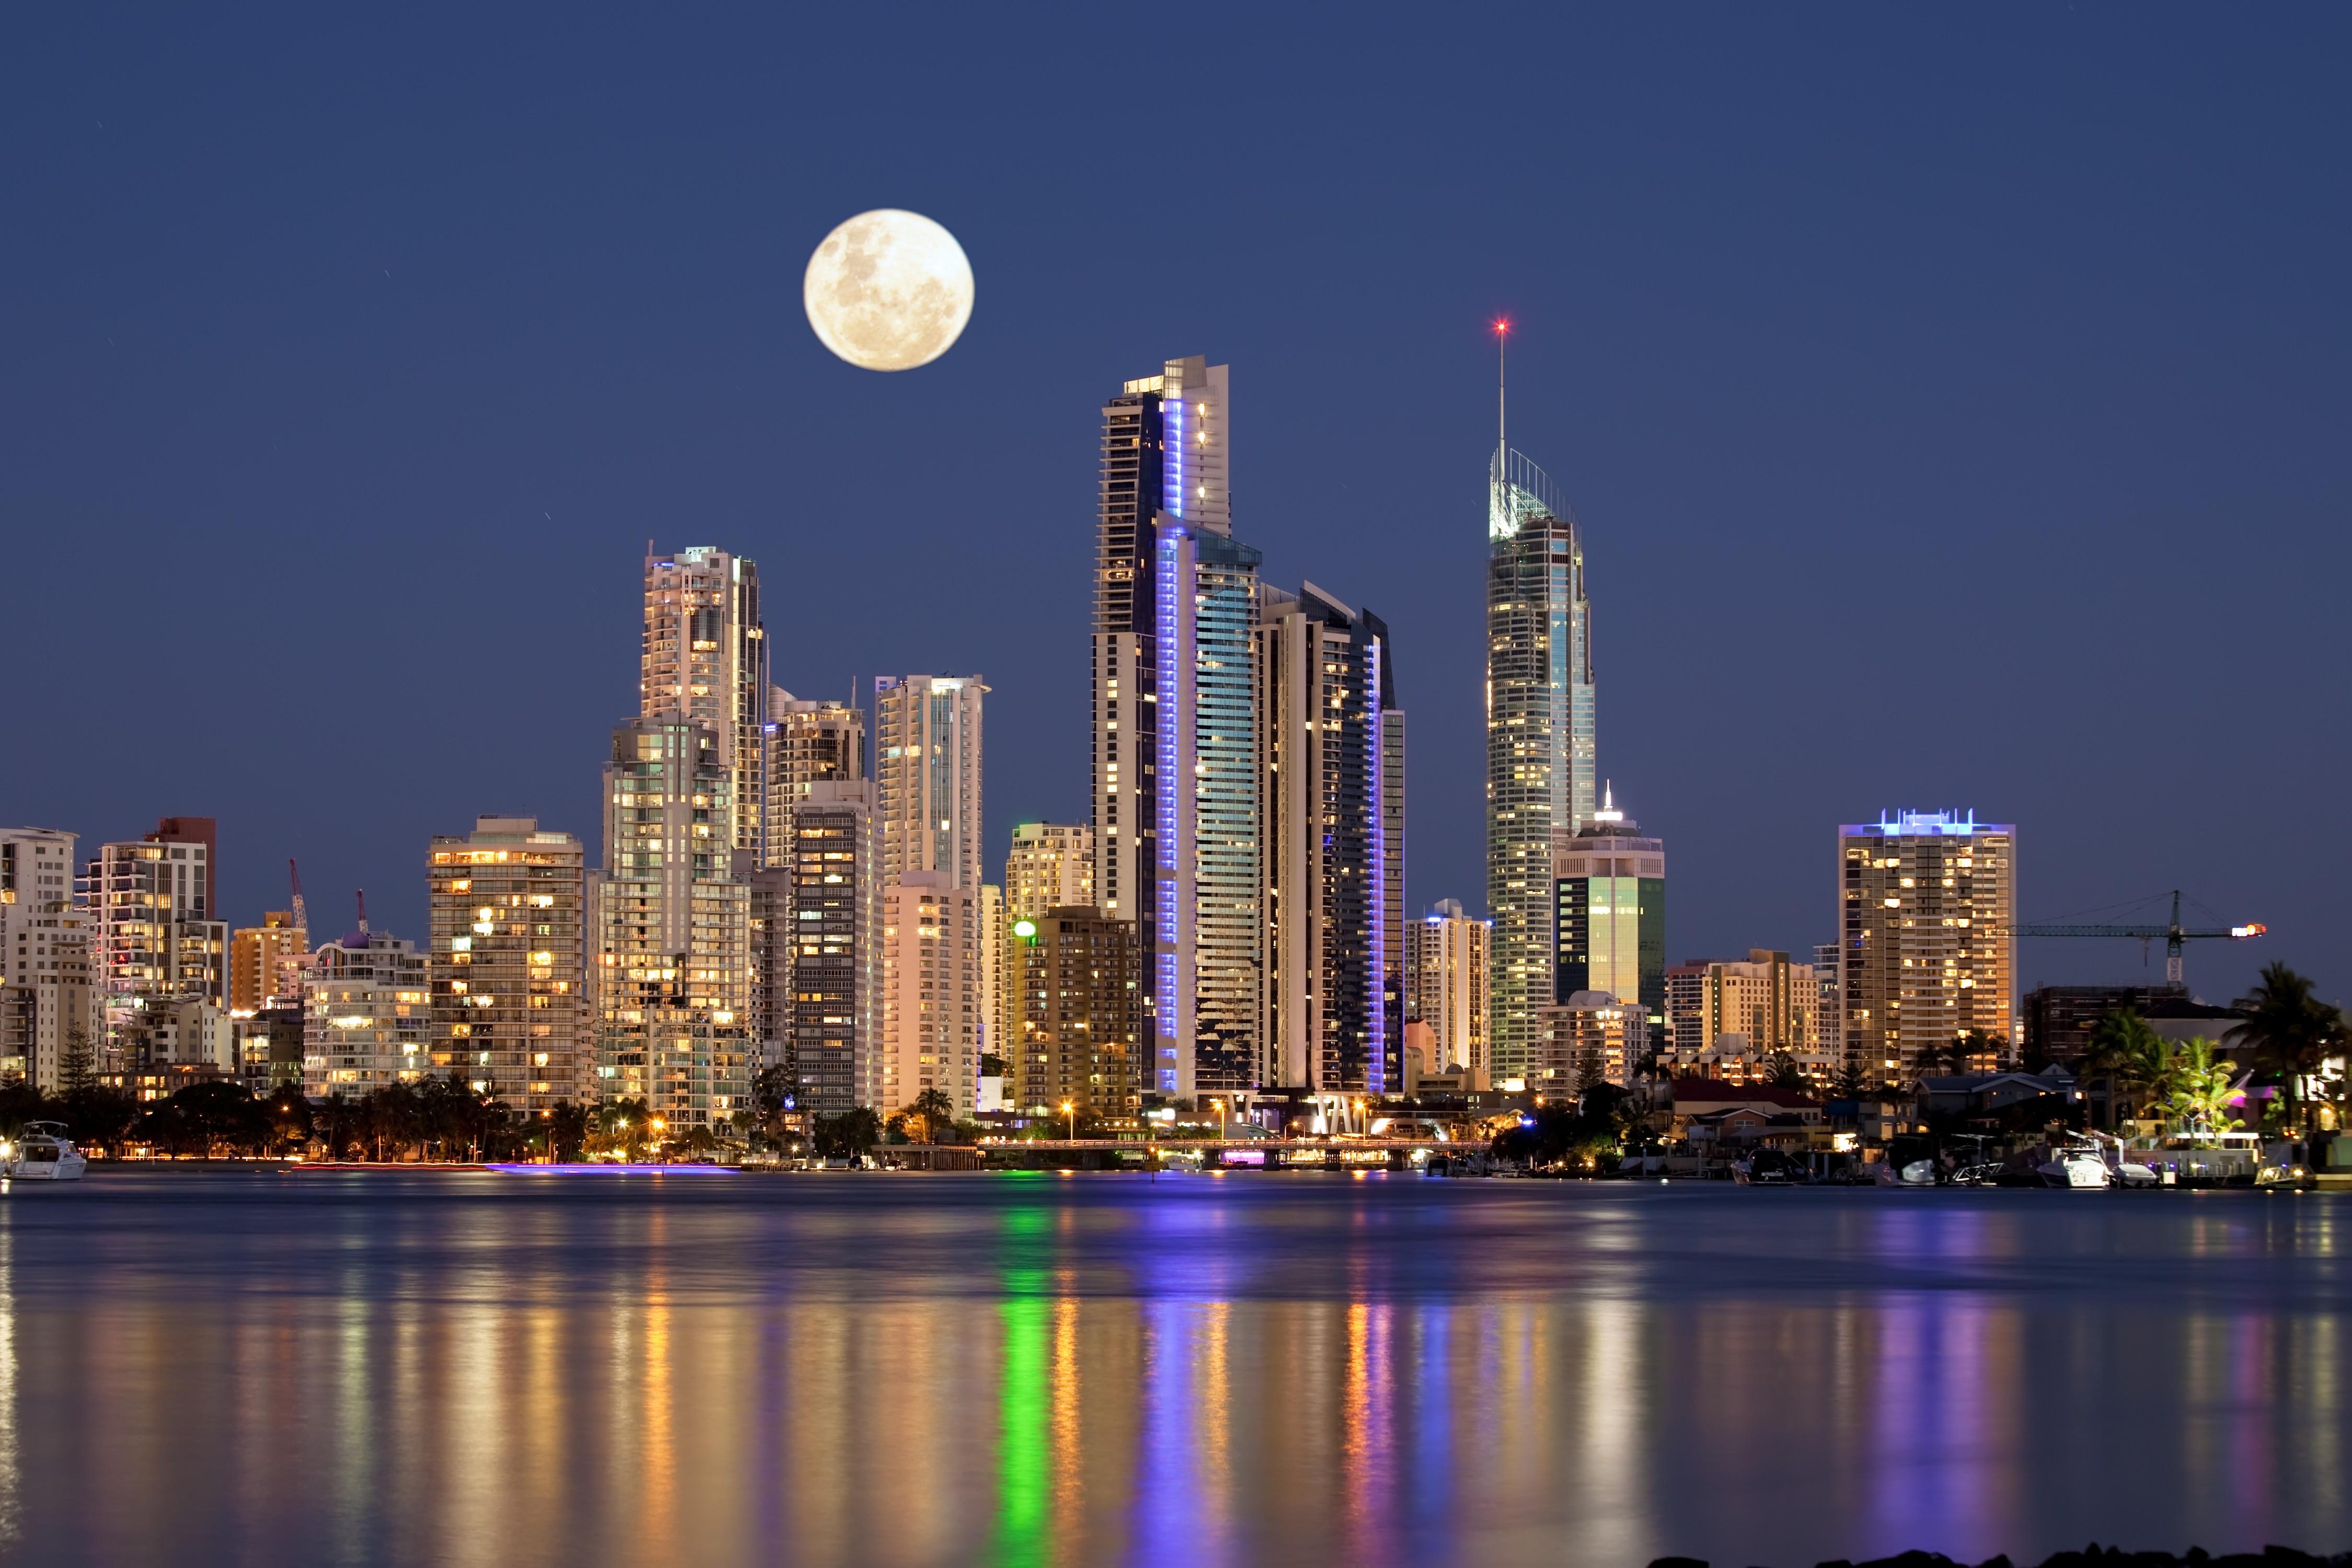 Wallpaper Burleigh Heads Beach Gold Coast Queensland: The Top 6 Wonderful Winter Destinations – Part 1